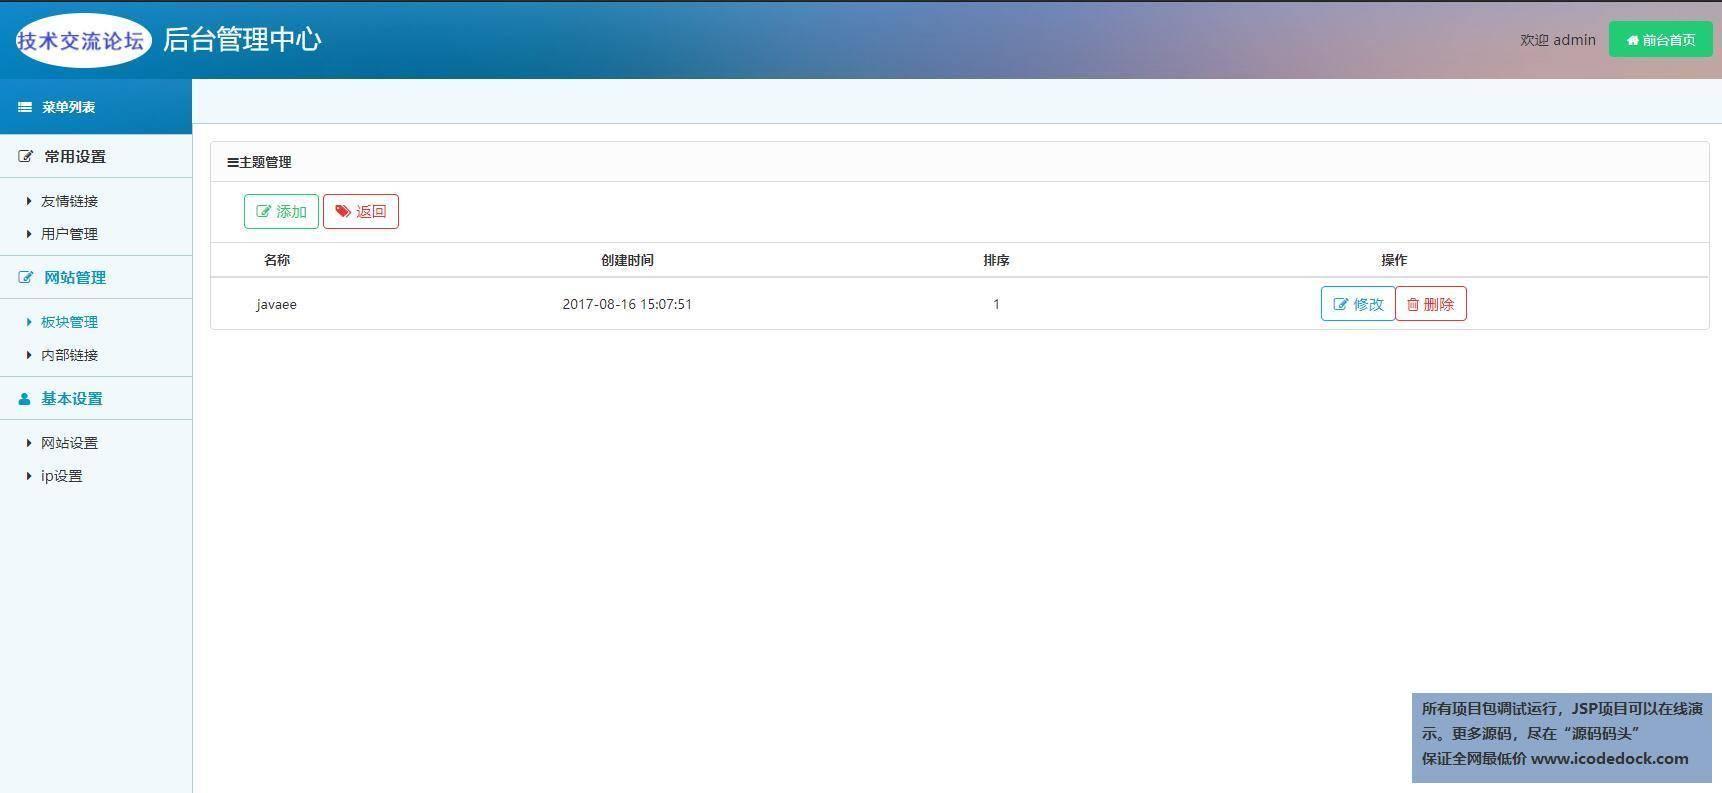 源码码头-SSM搭建的一个BBS论坛-管理员角色-版块主题管理